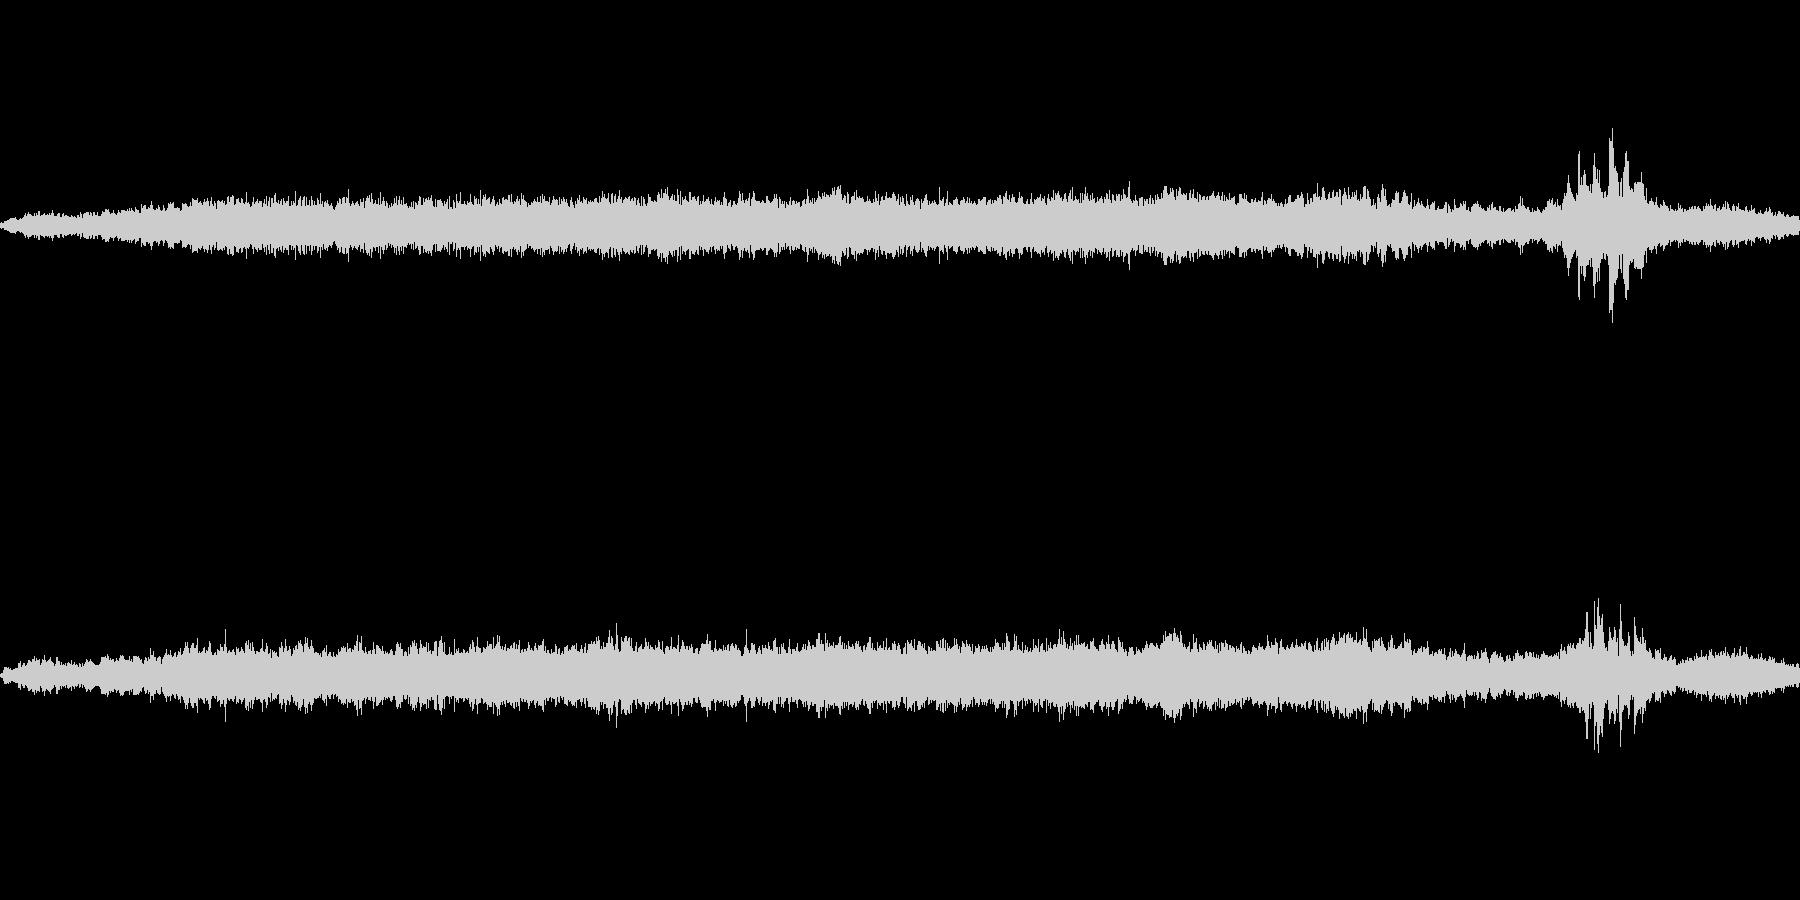 キラキラした幻想的なフィールド用の曲で…の未再生の波形